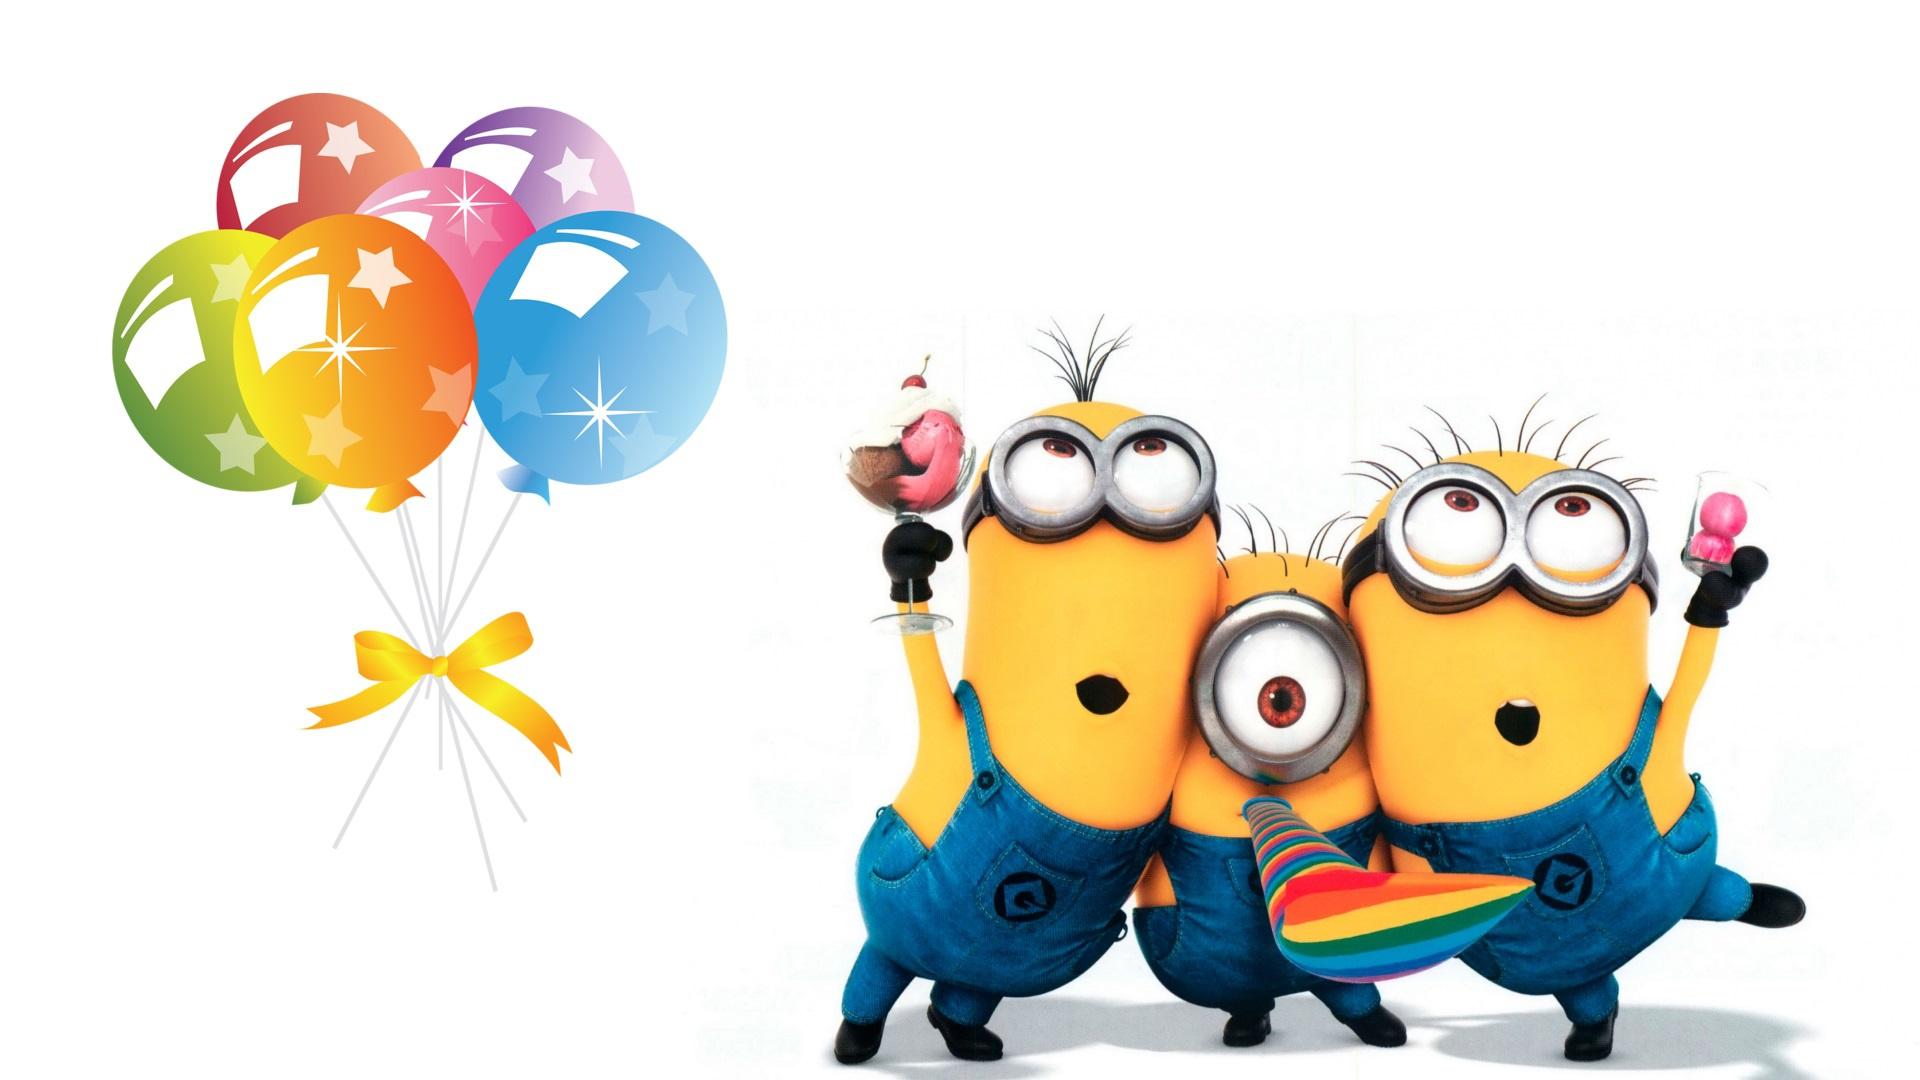 Любви все, супер прикольные картинки на день рождения